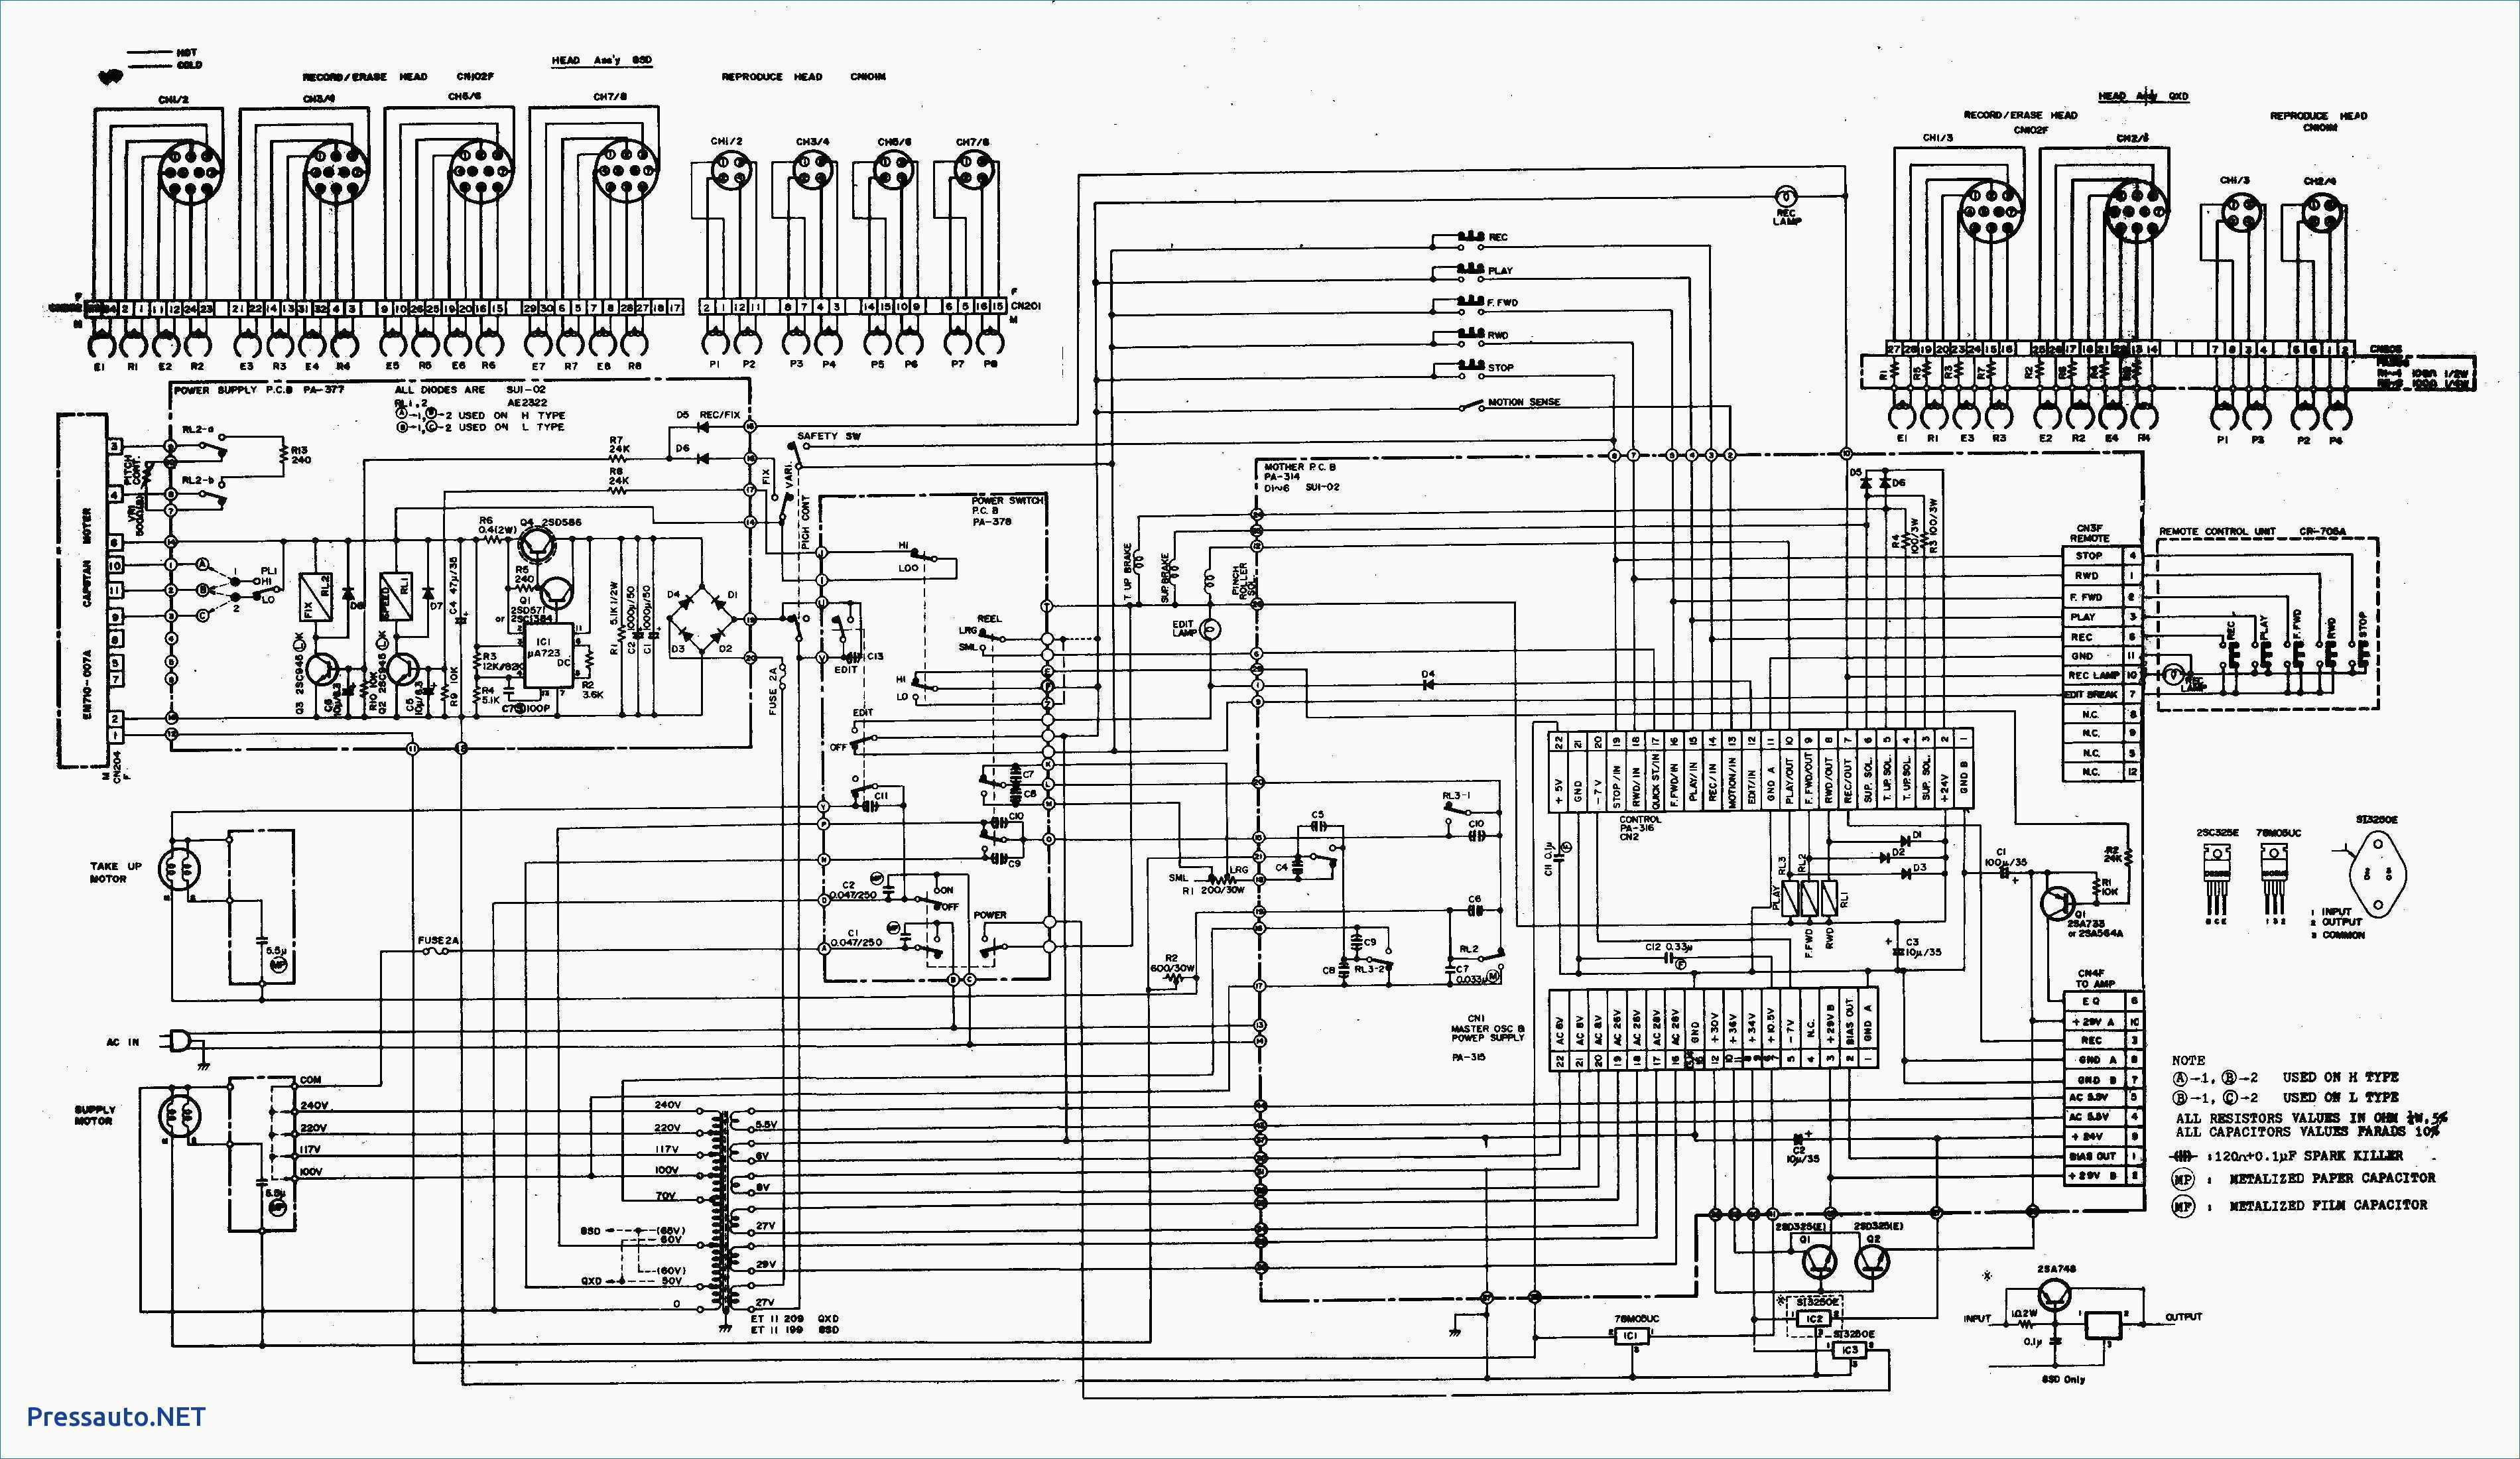 Pioneer Avh X2700Bs Harness Wiring Diagram | Manual E-Books - Pioneer Avh-X2700Bs Wiring Diagram